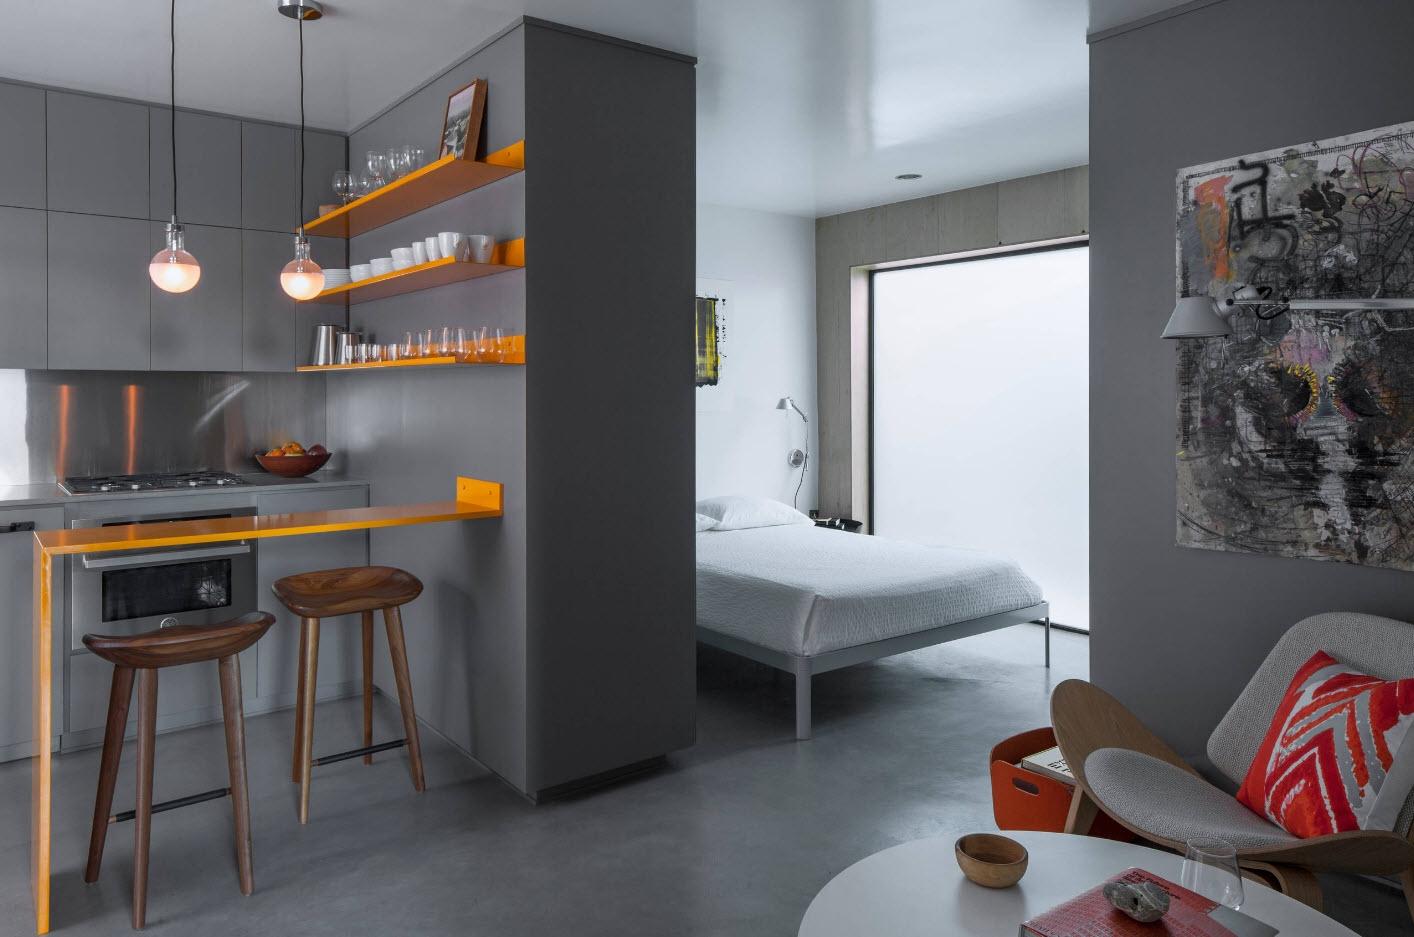 Особенности и сложности дизайна однокомнатных квартир, кухня